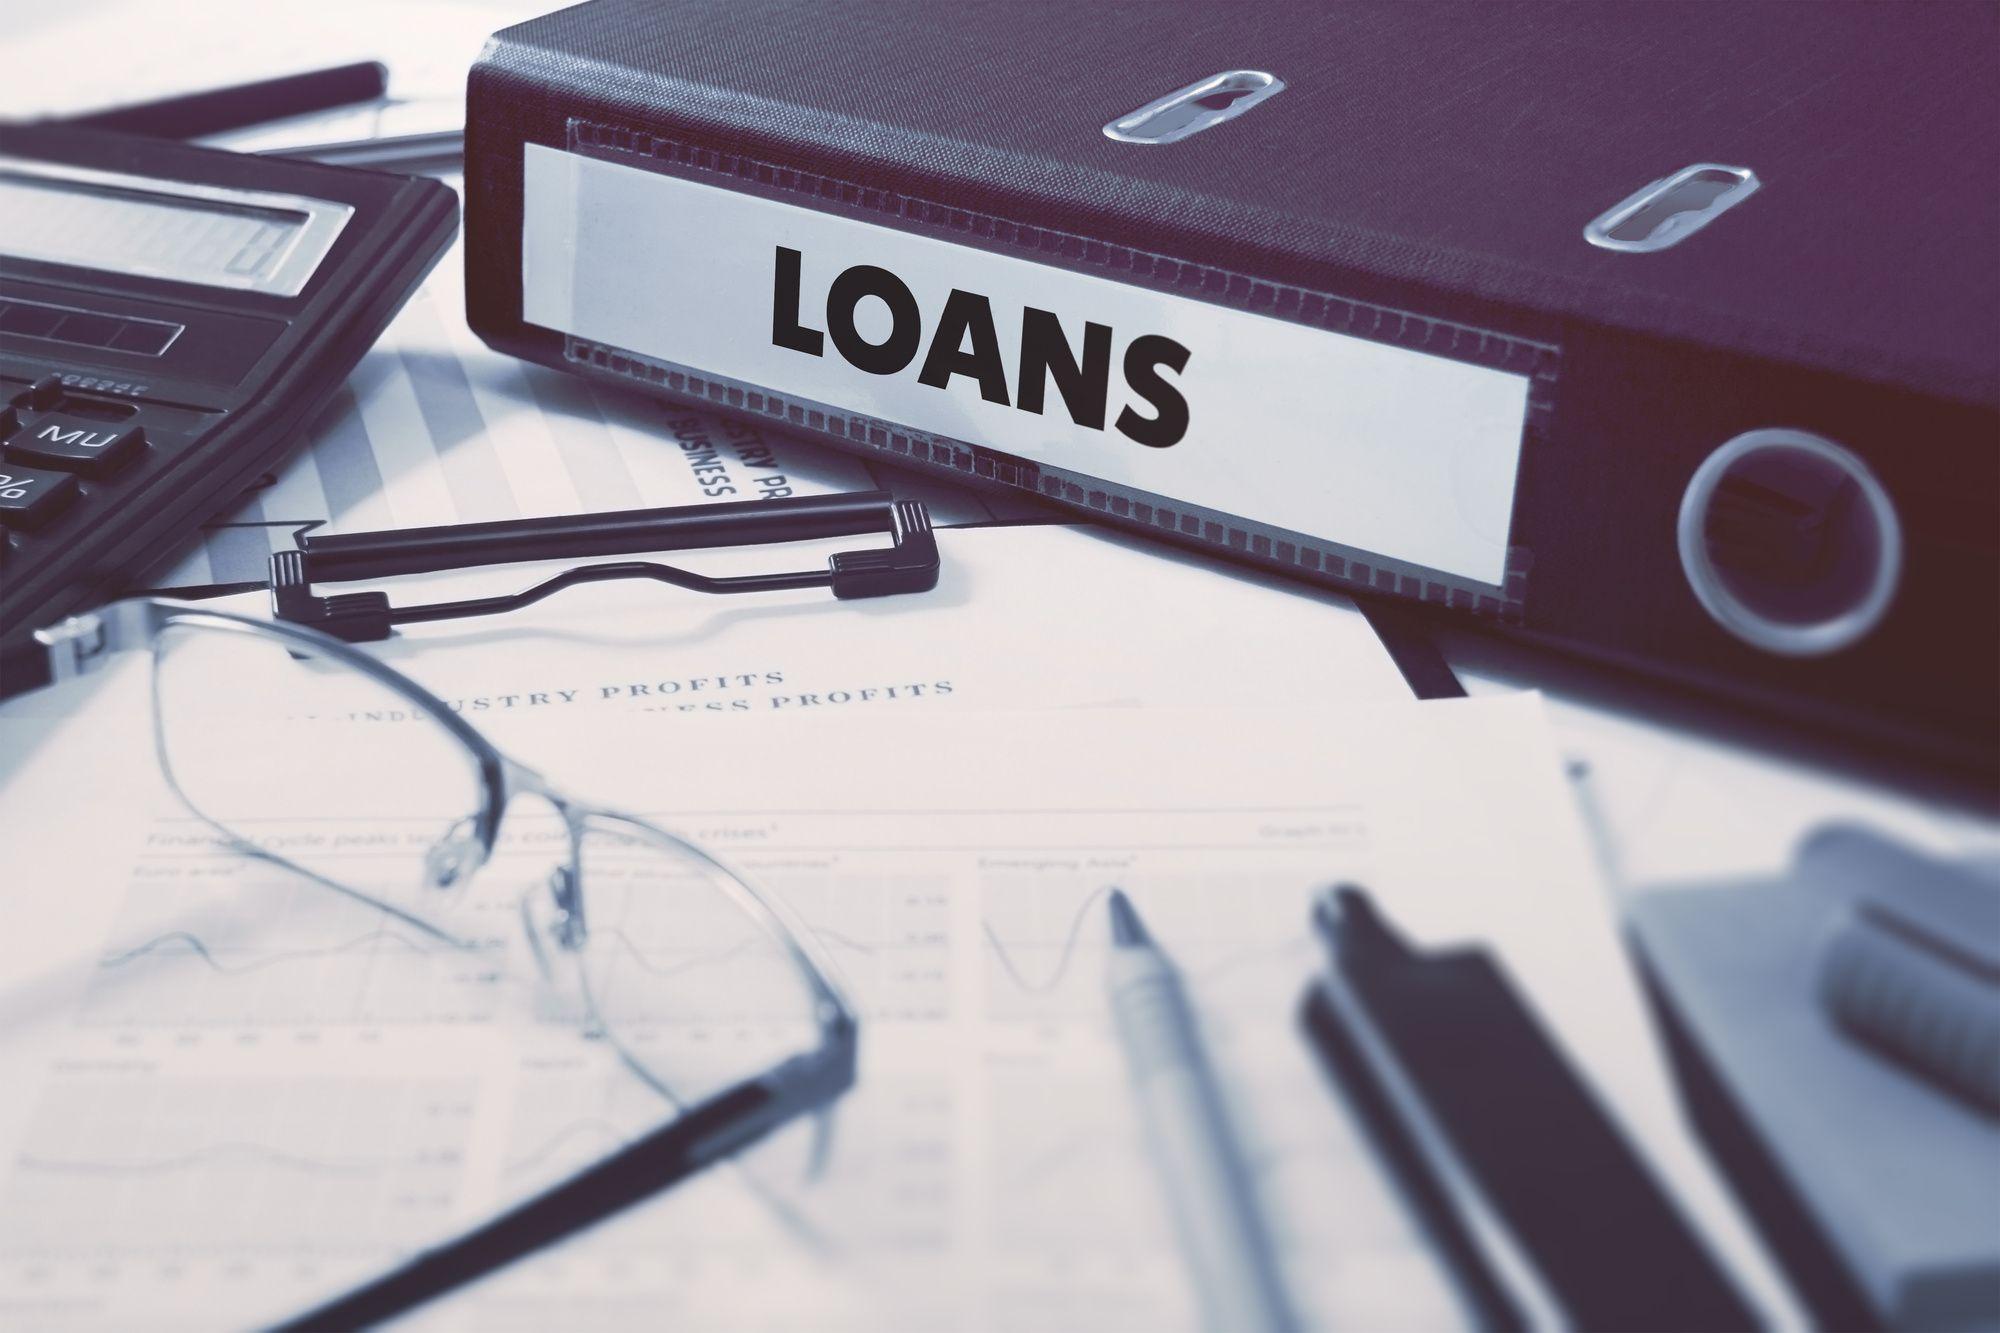 Loans on Ring Binder